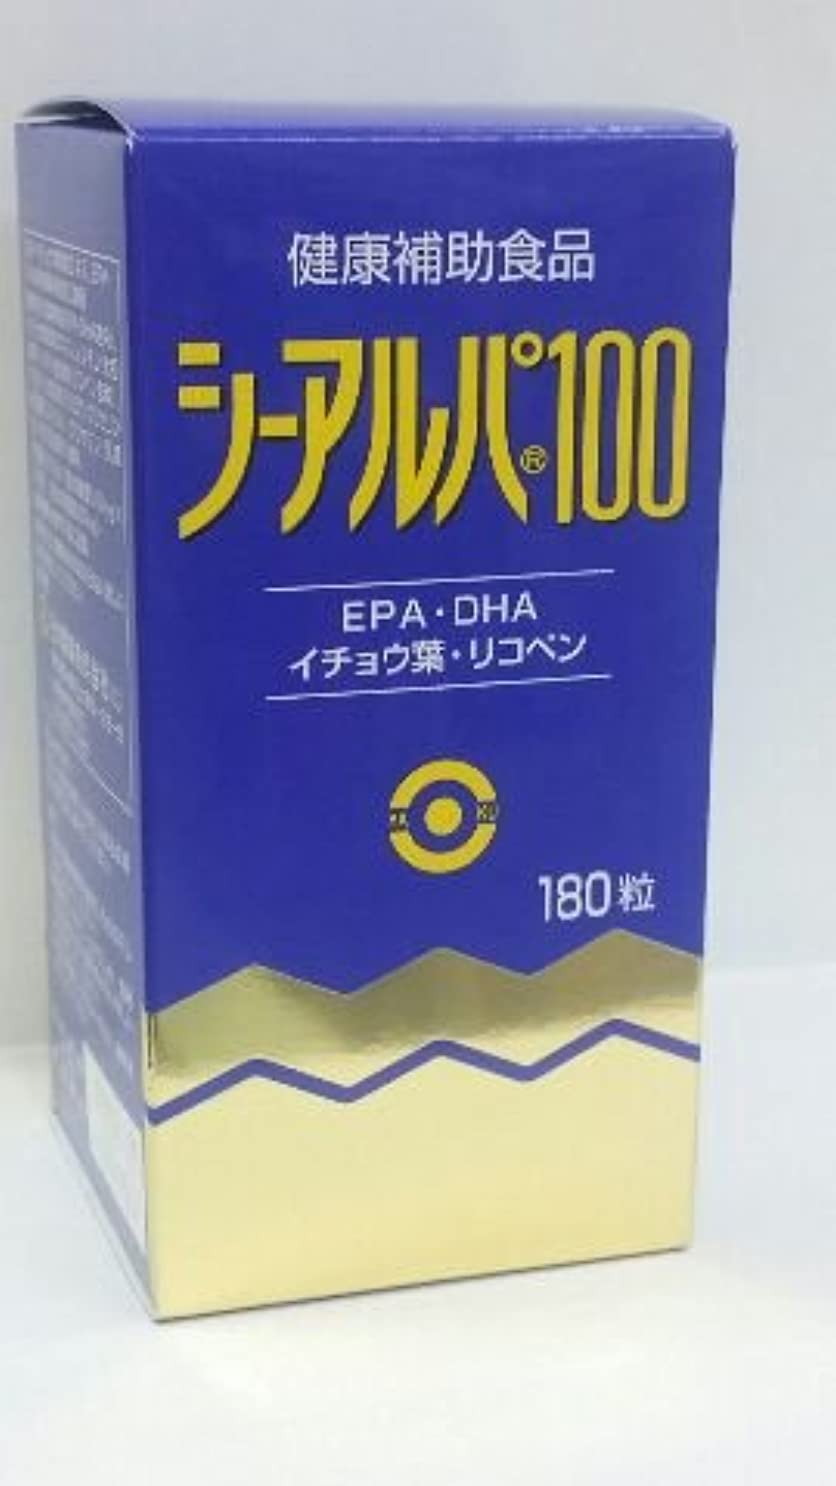 店員不純除外する「シーアルパ100」180粒6個パックで15%割りひき(健康増進食品)